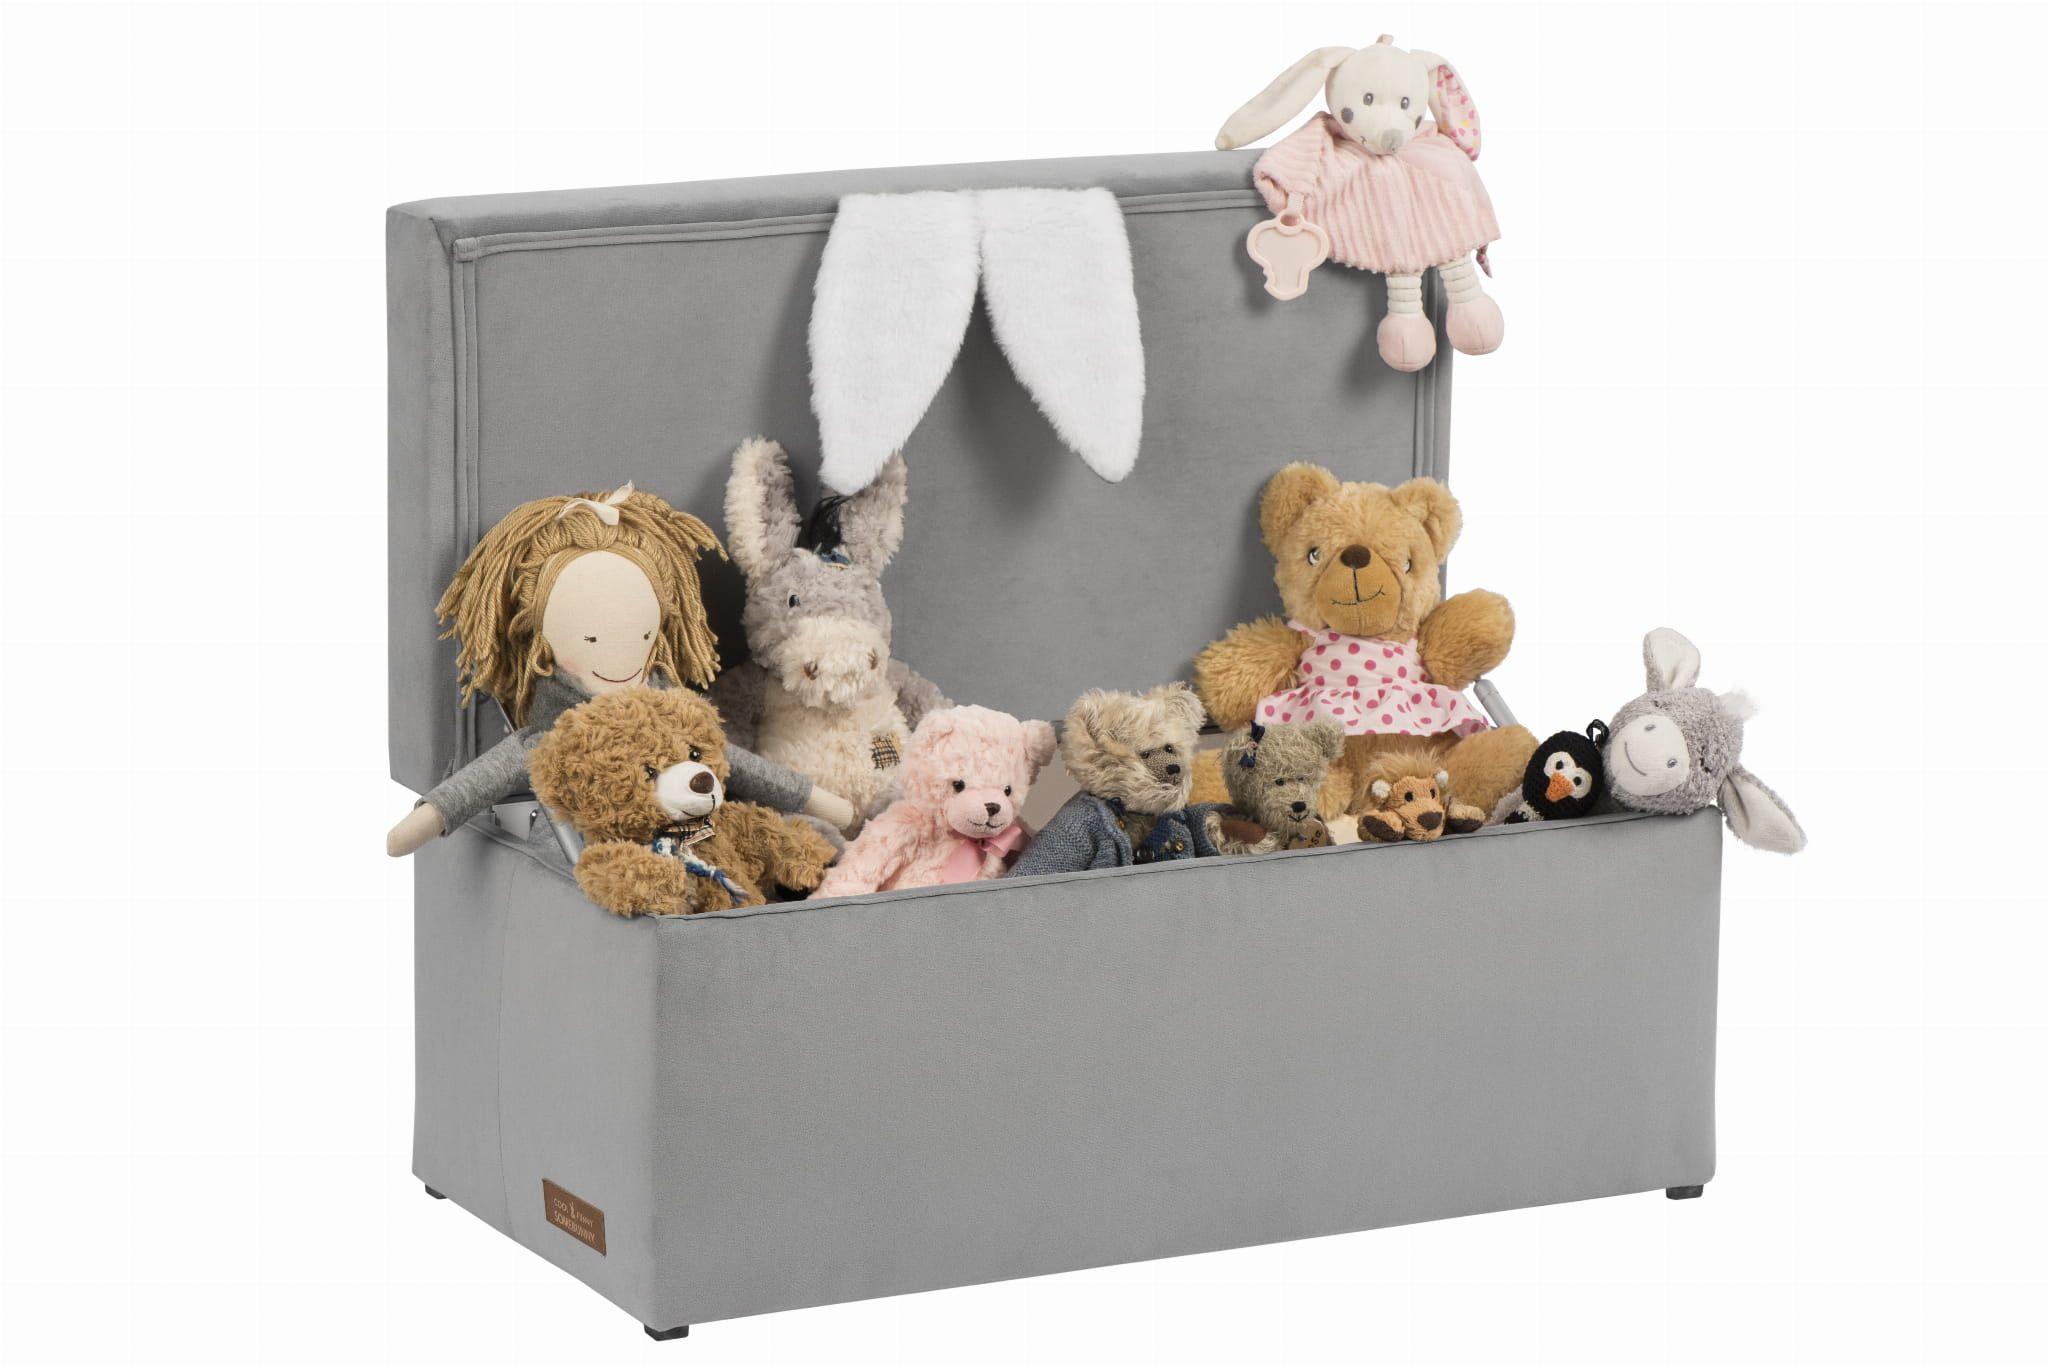 Skrzynia Na Zabawki Uszak Decor Home Decor Toy Chest